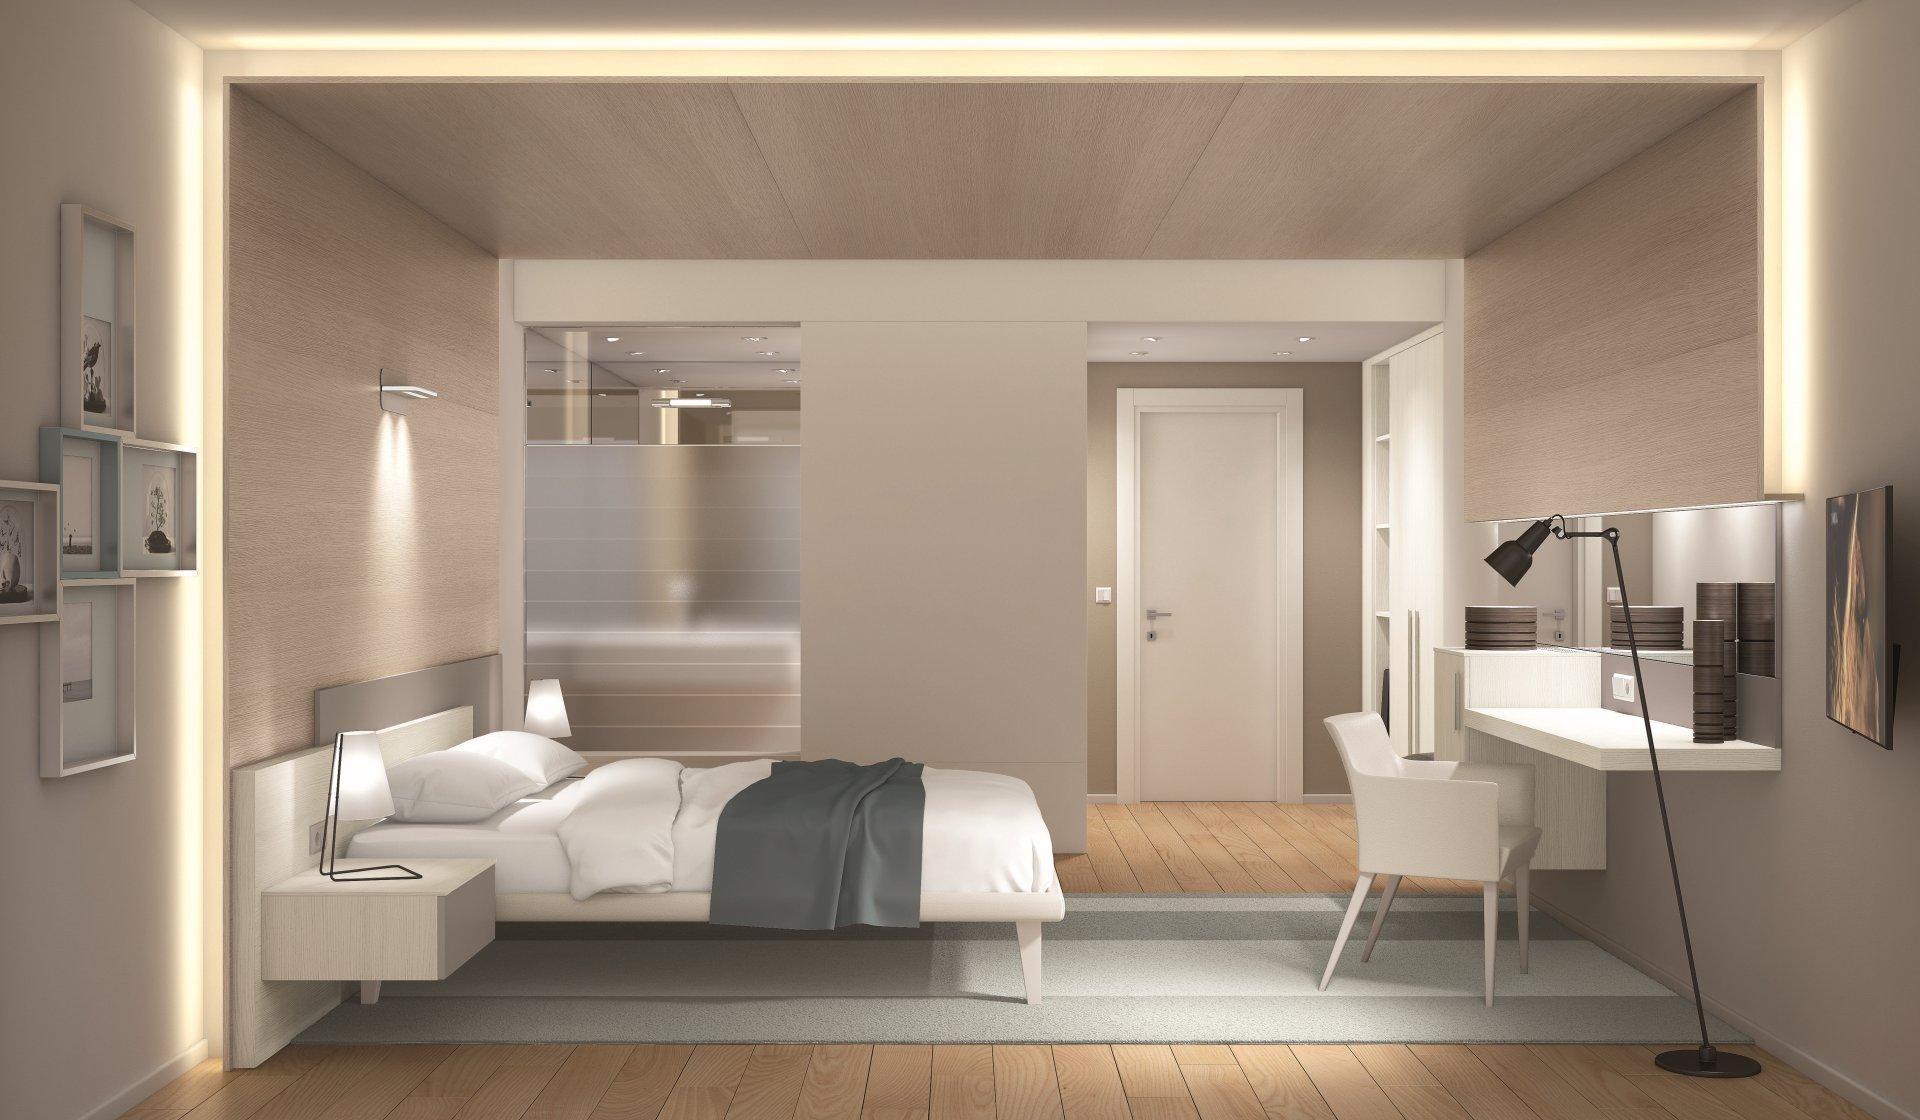 Ufficio Nuovo Hotel : Ellezeta arredamento per ufficio ed hotel a milano